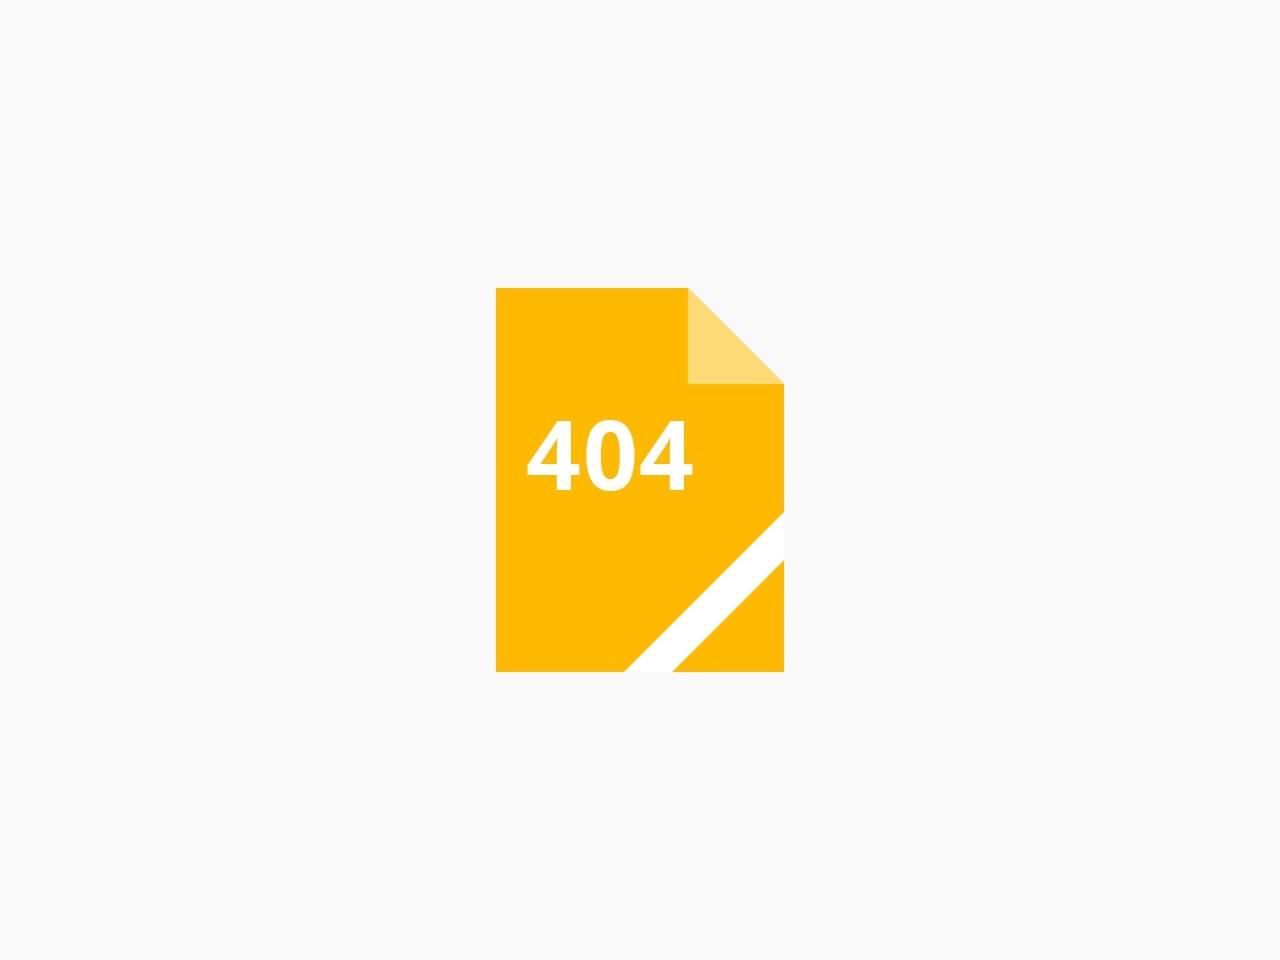 北京2022年冬奥会和冬残奥会组织委员会网站